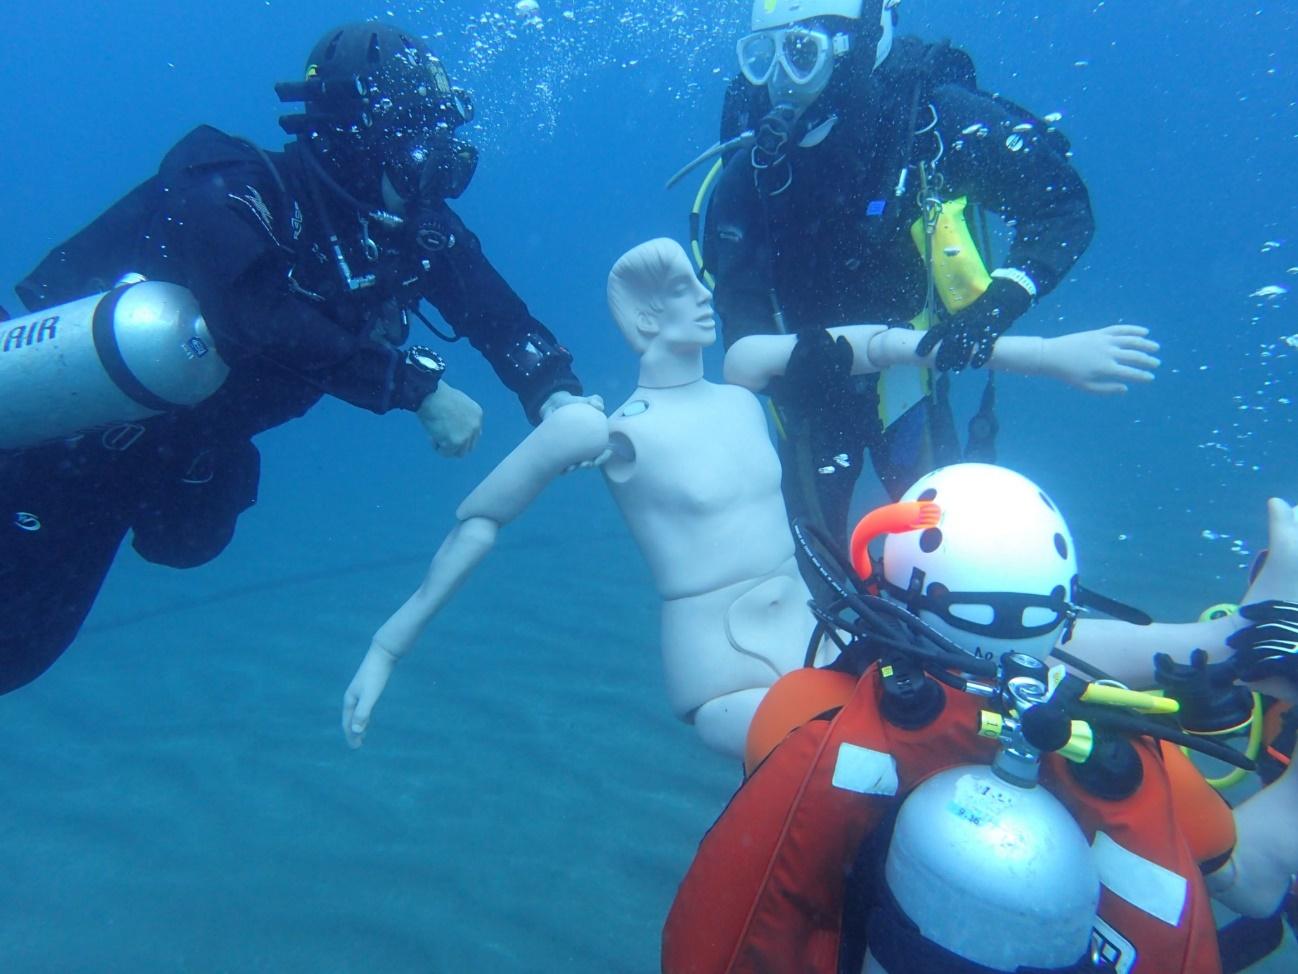 熱海の土石流災害後、捜索を行うダイバーたち。UWSUAの活動と想いとは